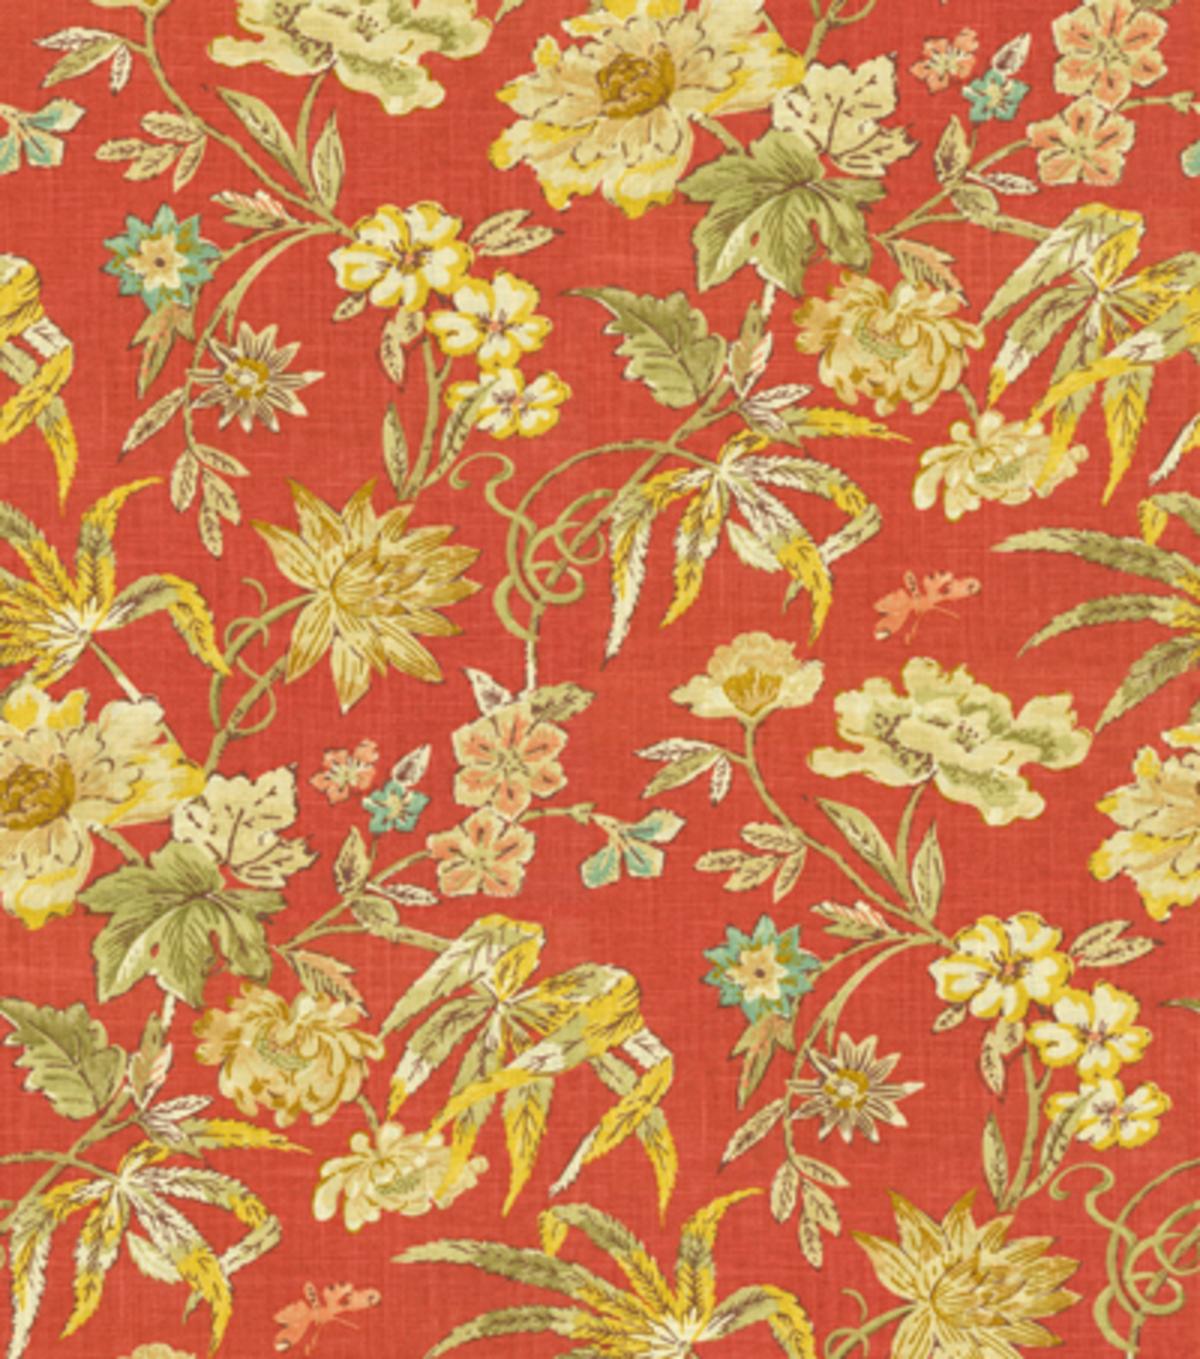 Waverly Upholstery Fabric Honeymoon/Berry